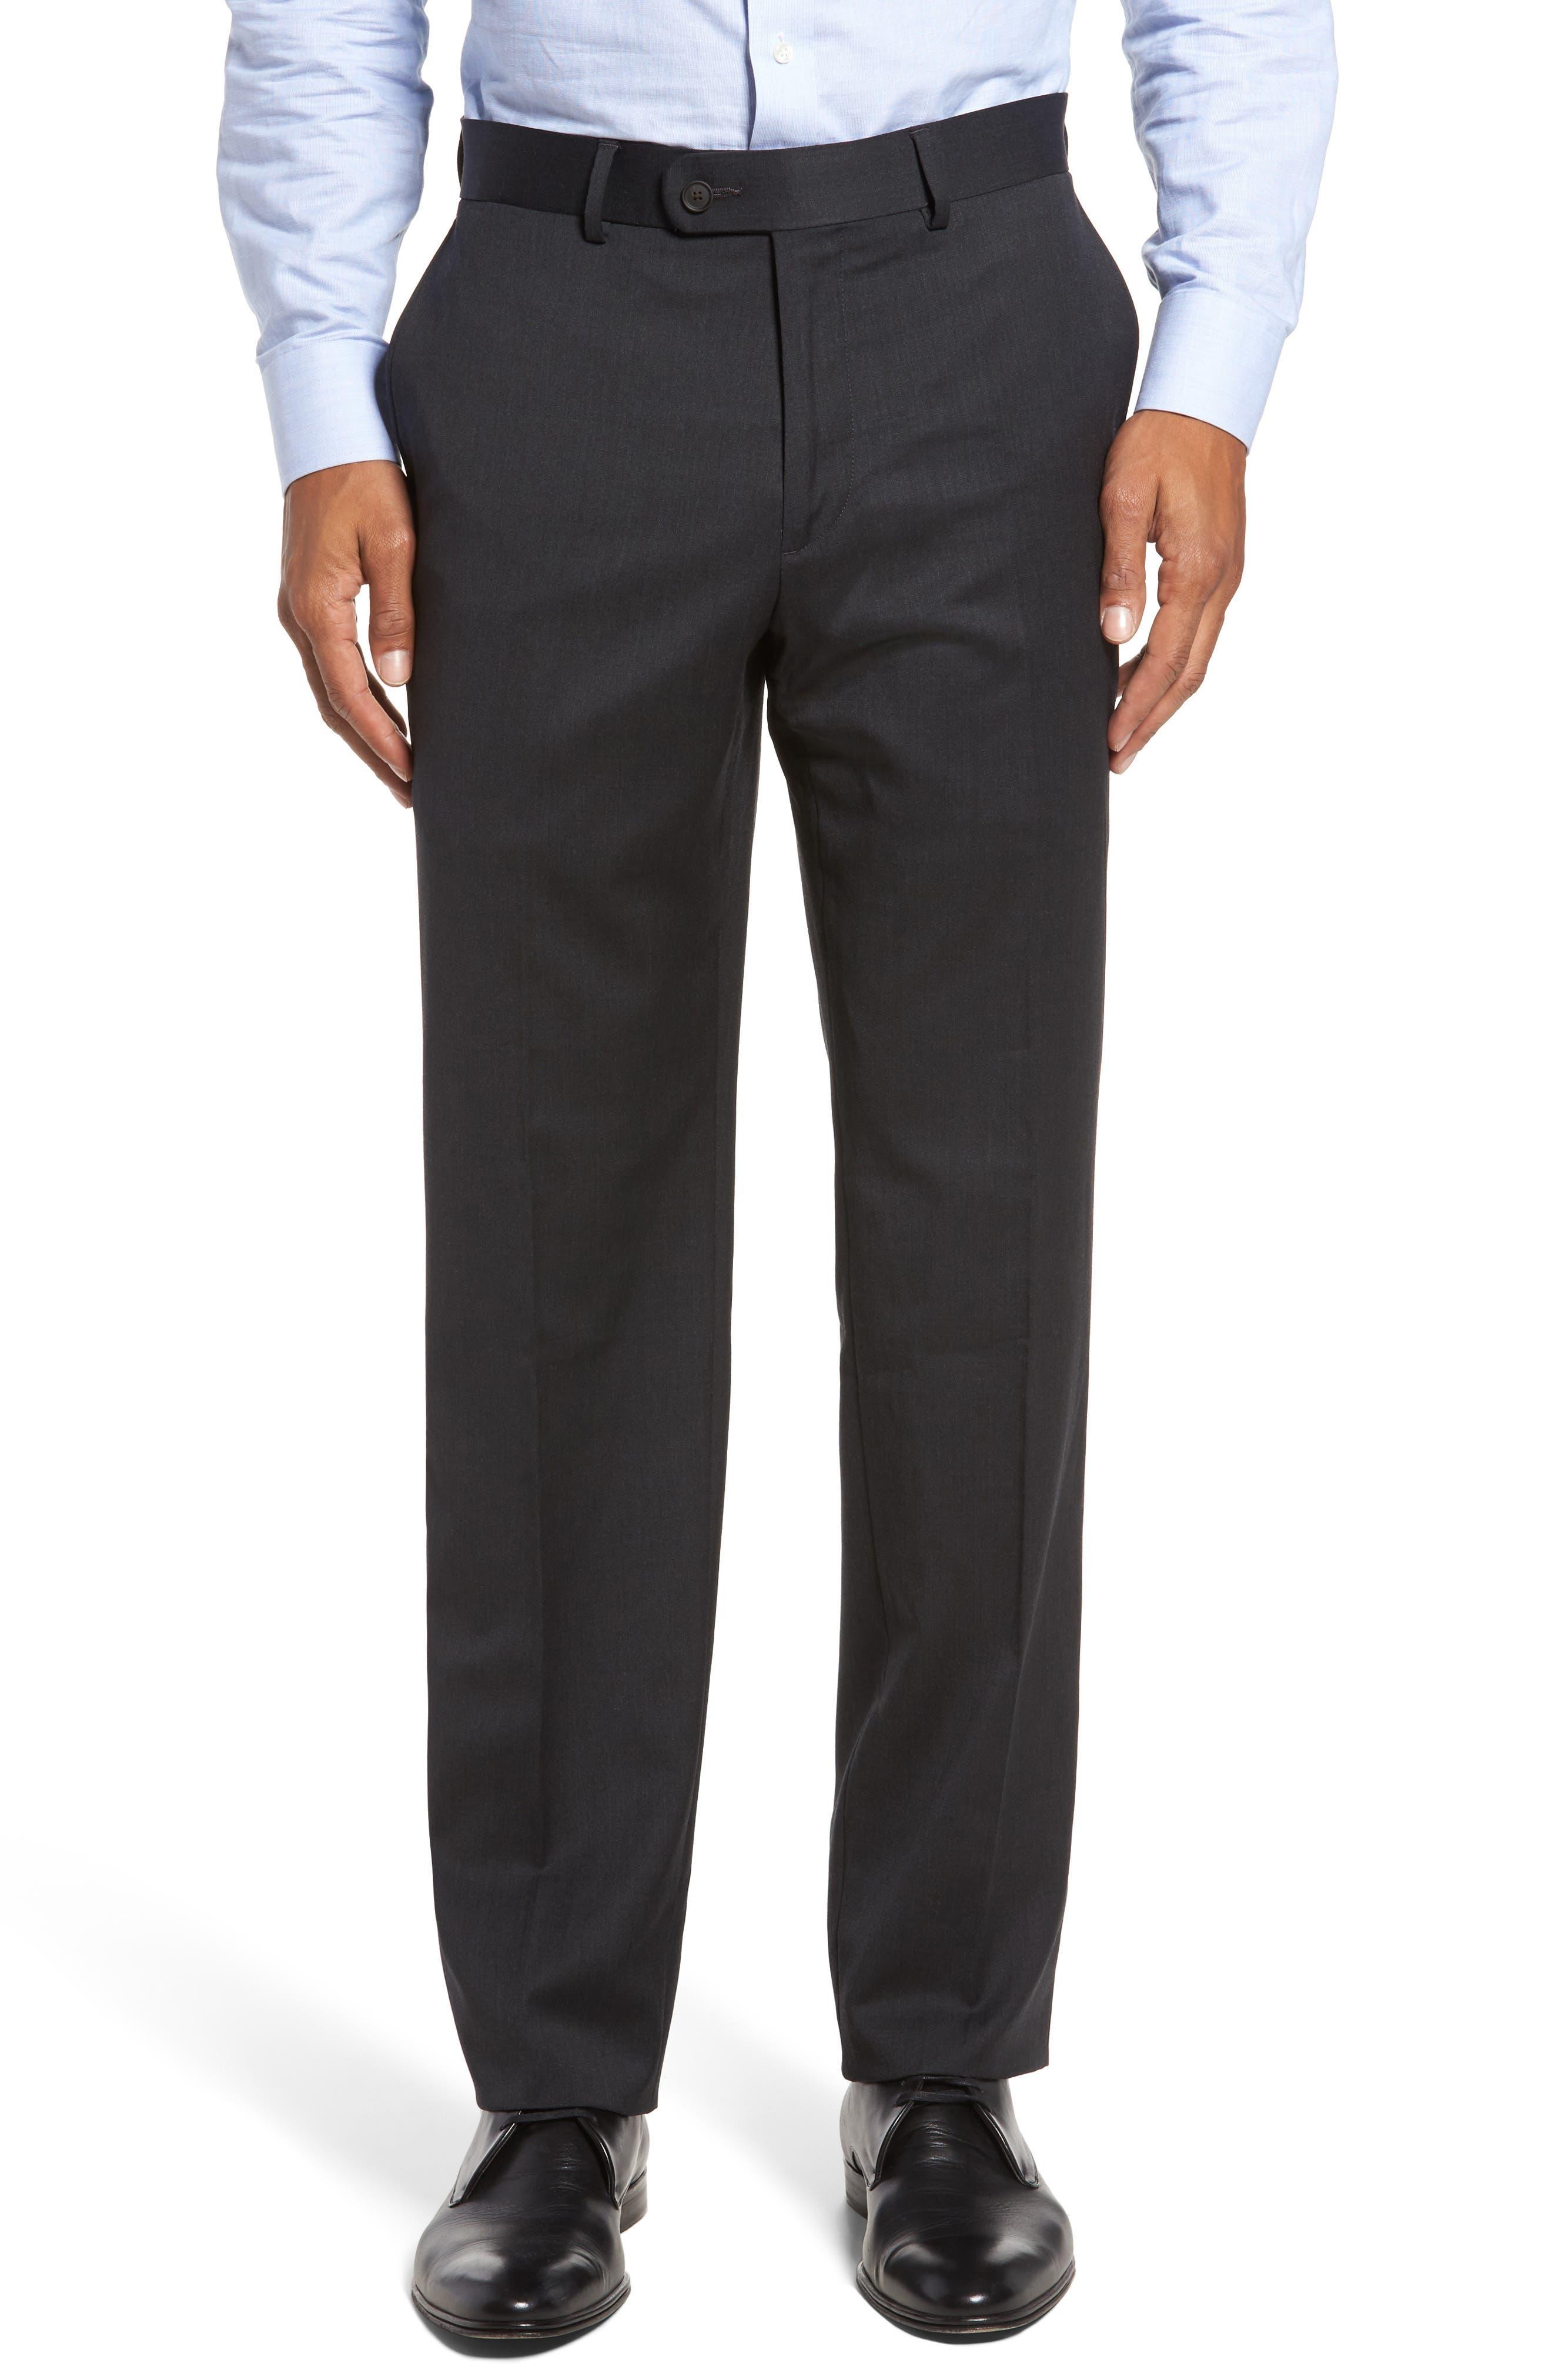 Keidis Aim Classic Fit Stretch Wool Suit,                             Alternate thumbnail 6, color,                             014